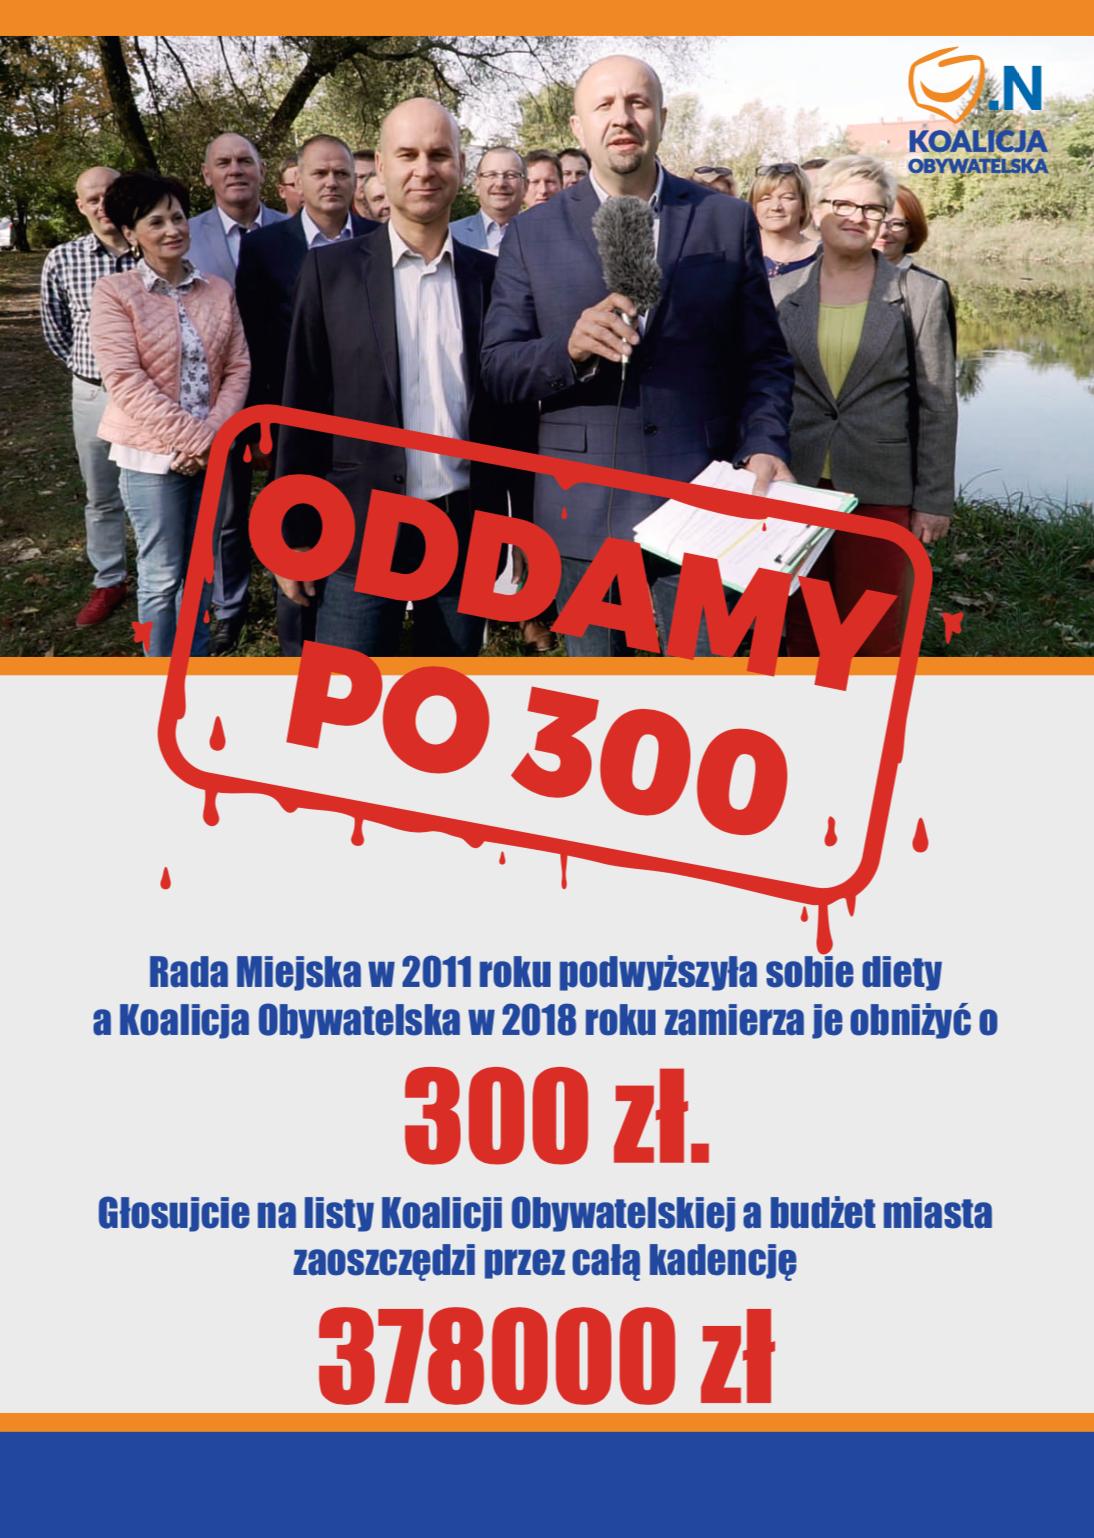 bf5cf9cc2251d Zrzut ekranu 2018-10-12 o 15.26.06 - OkrągłeMiasto.pl